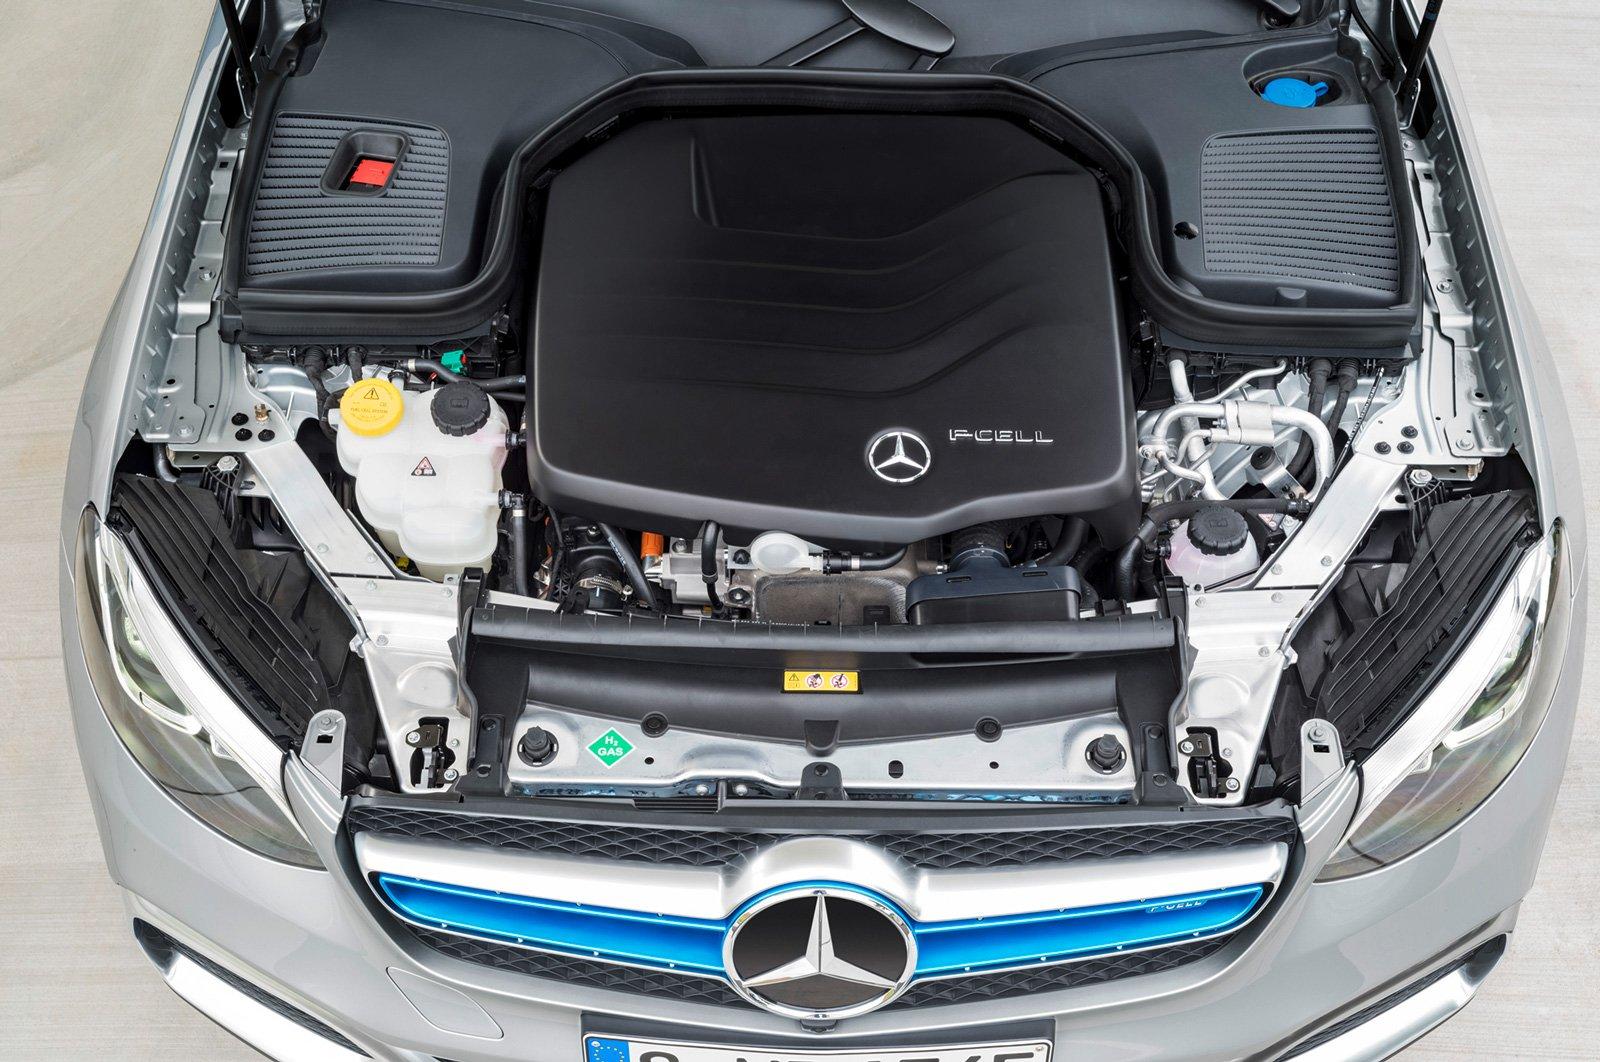 ränslecellsmotorn får på så sätt plats i motorhuven och är upphängd som en konventionell motor. Den ena vätetanken har placerats dä kardanaxeln i normala fall sitter, medan den andra återfinns under baksätet. Batterier sitter under lastutrymmet.